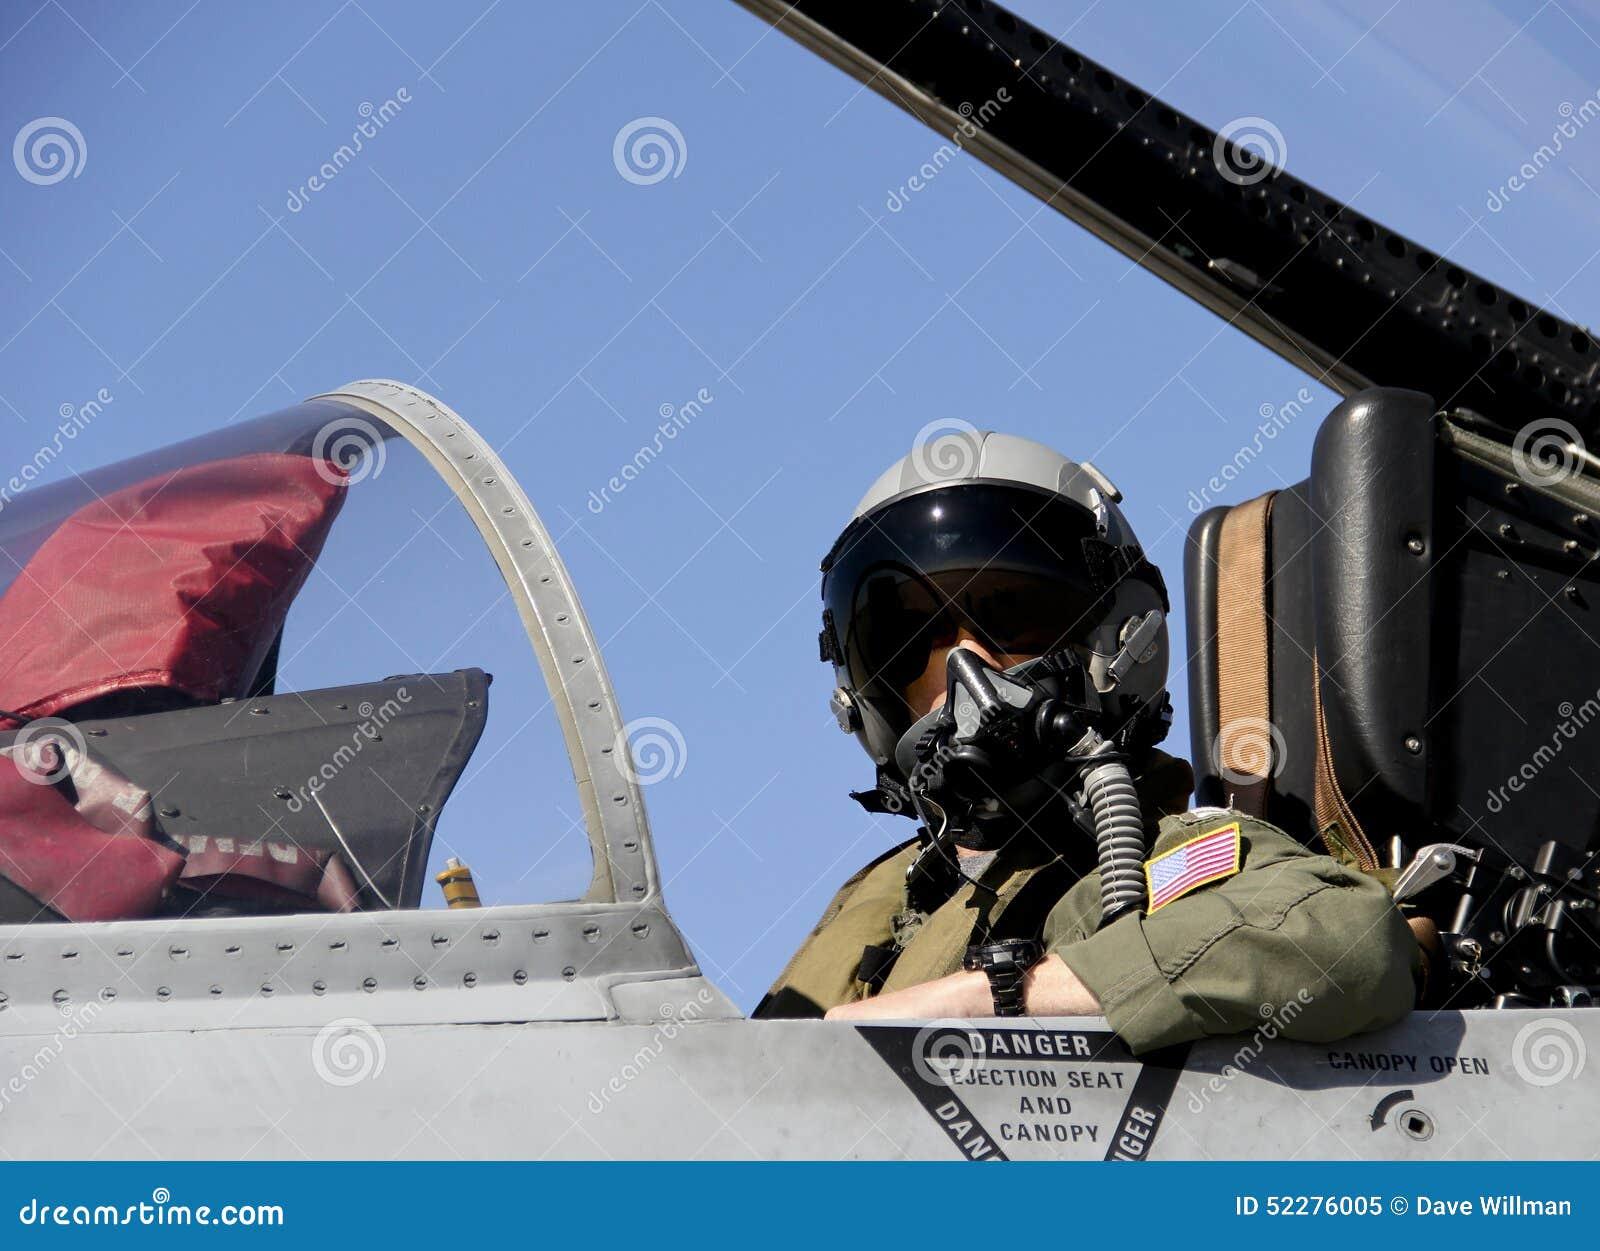 美国坐在喷气式歼击机的充分的齿轮的战斗机飞行员.图片